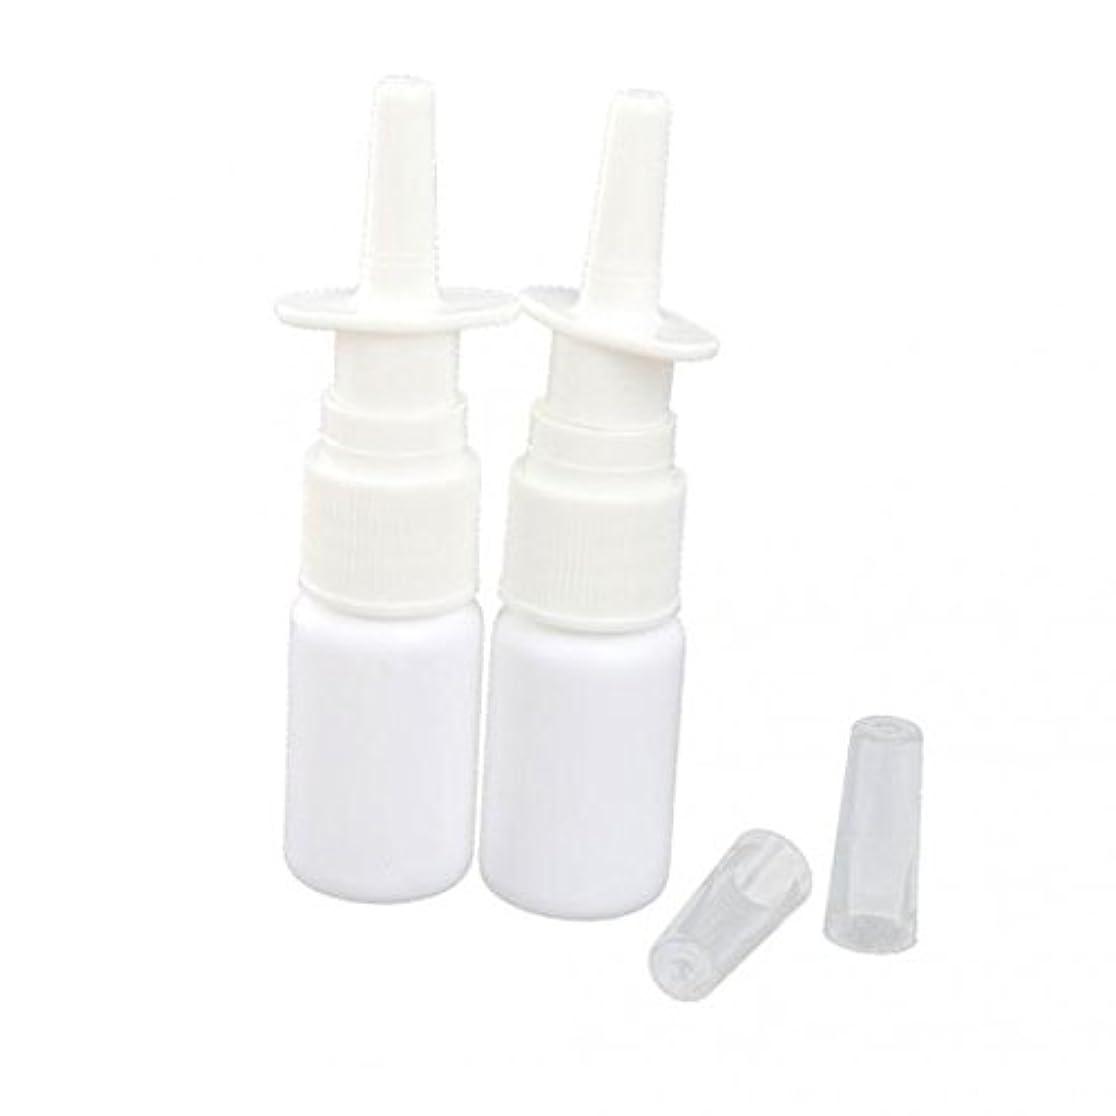 橋脚特異なシンカンT TOOYFUL 4本 スプレーボトル ポンプボトル 噴霧器 キャップ付き プラスチック 鼻細かいミスト 全2サイズ - 30ミリリットル